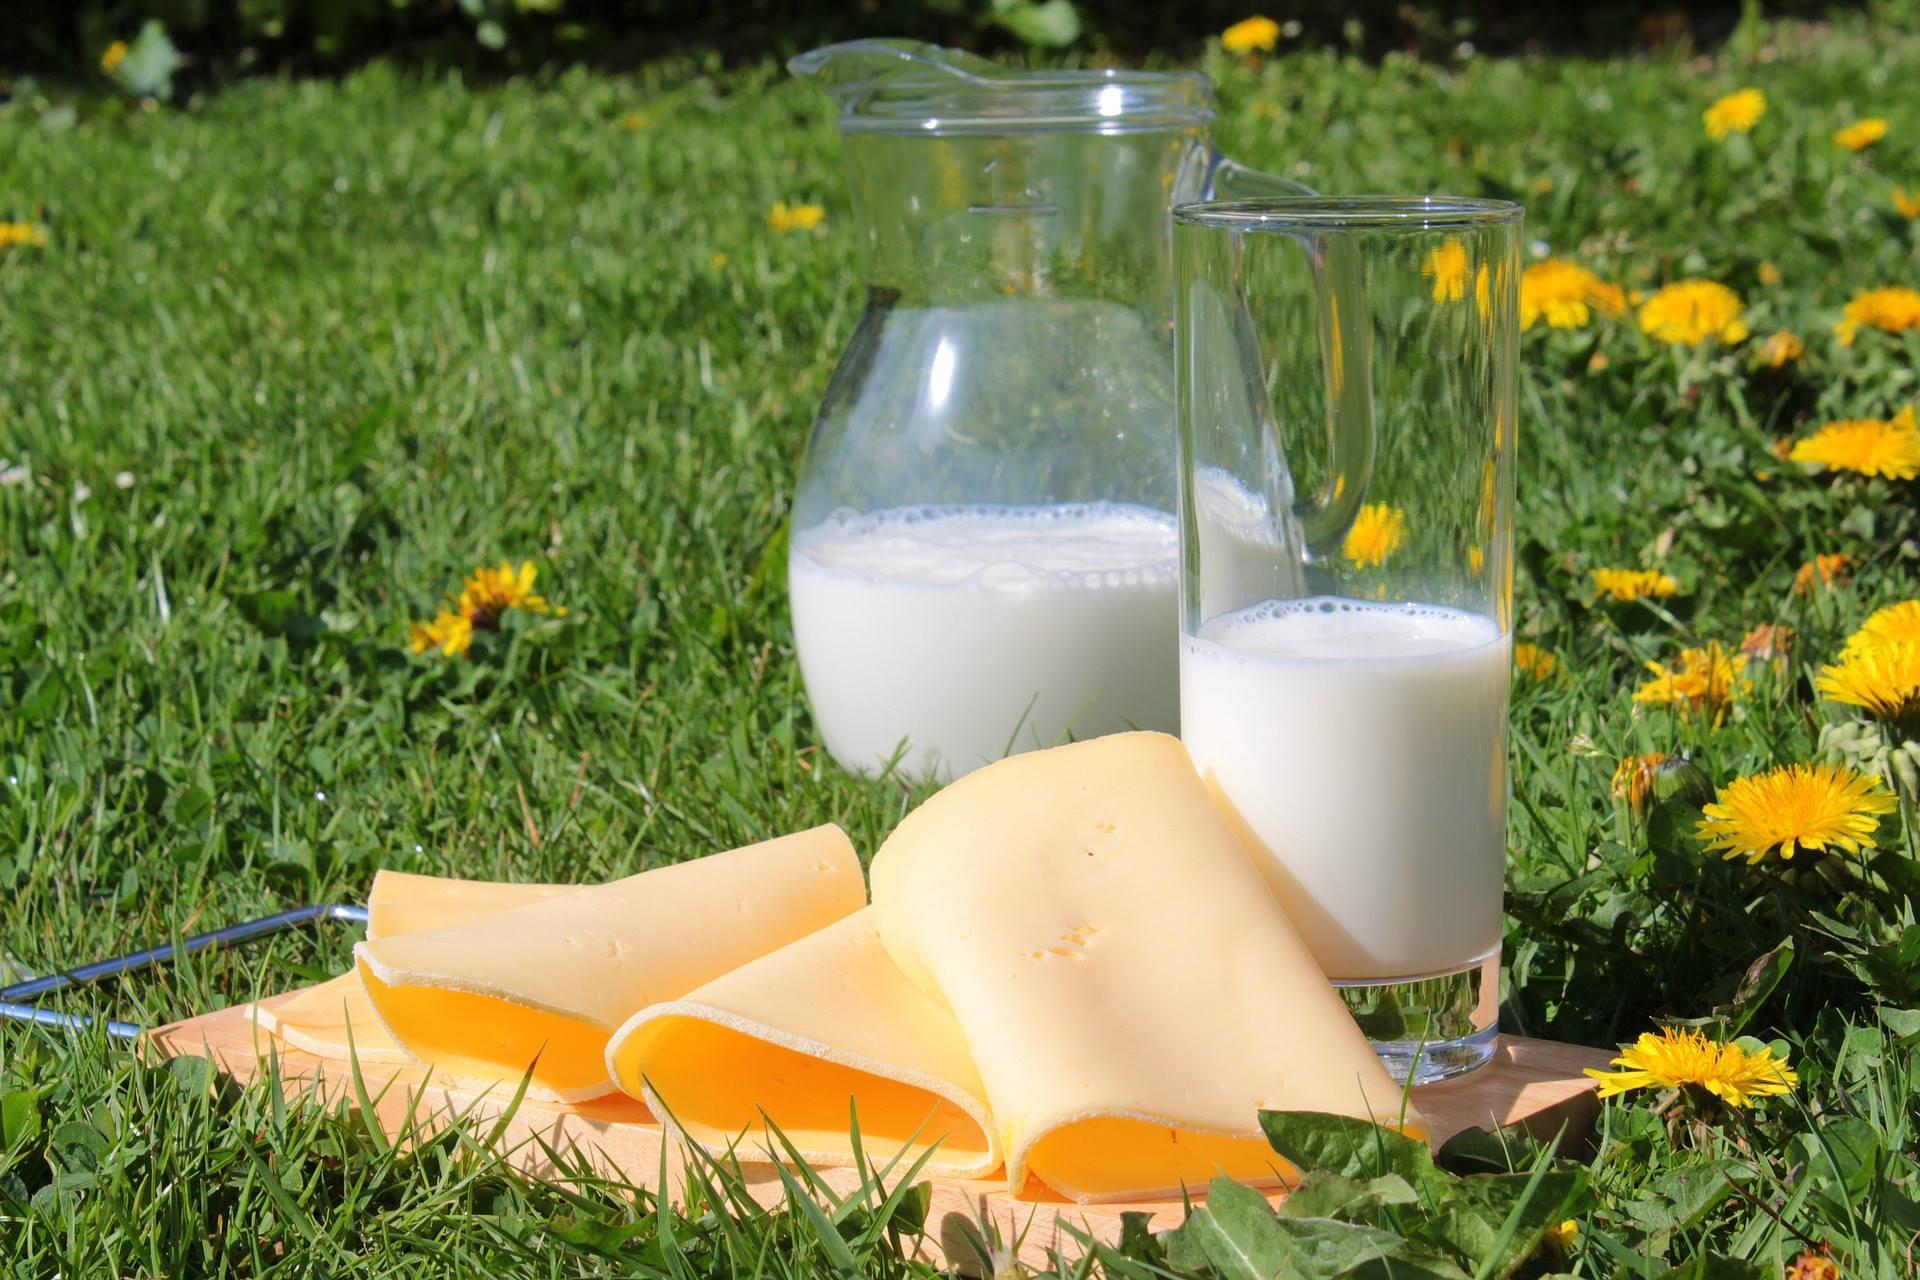 Specialitati din grasimi hidrogenate in loc de produse din lapte! Peste 40% din unitatile controlate, informeaza eronat consumatorii